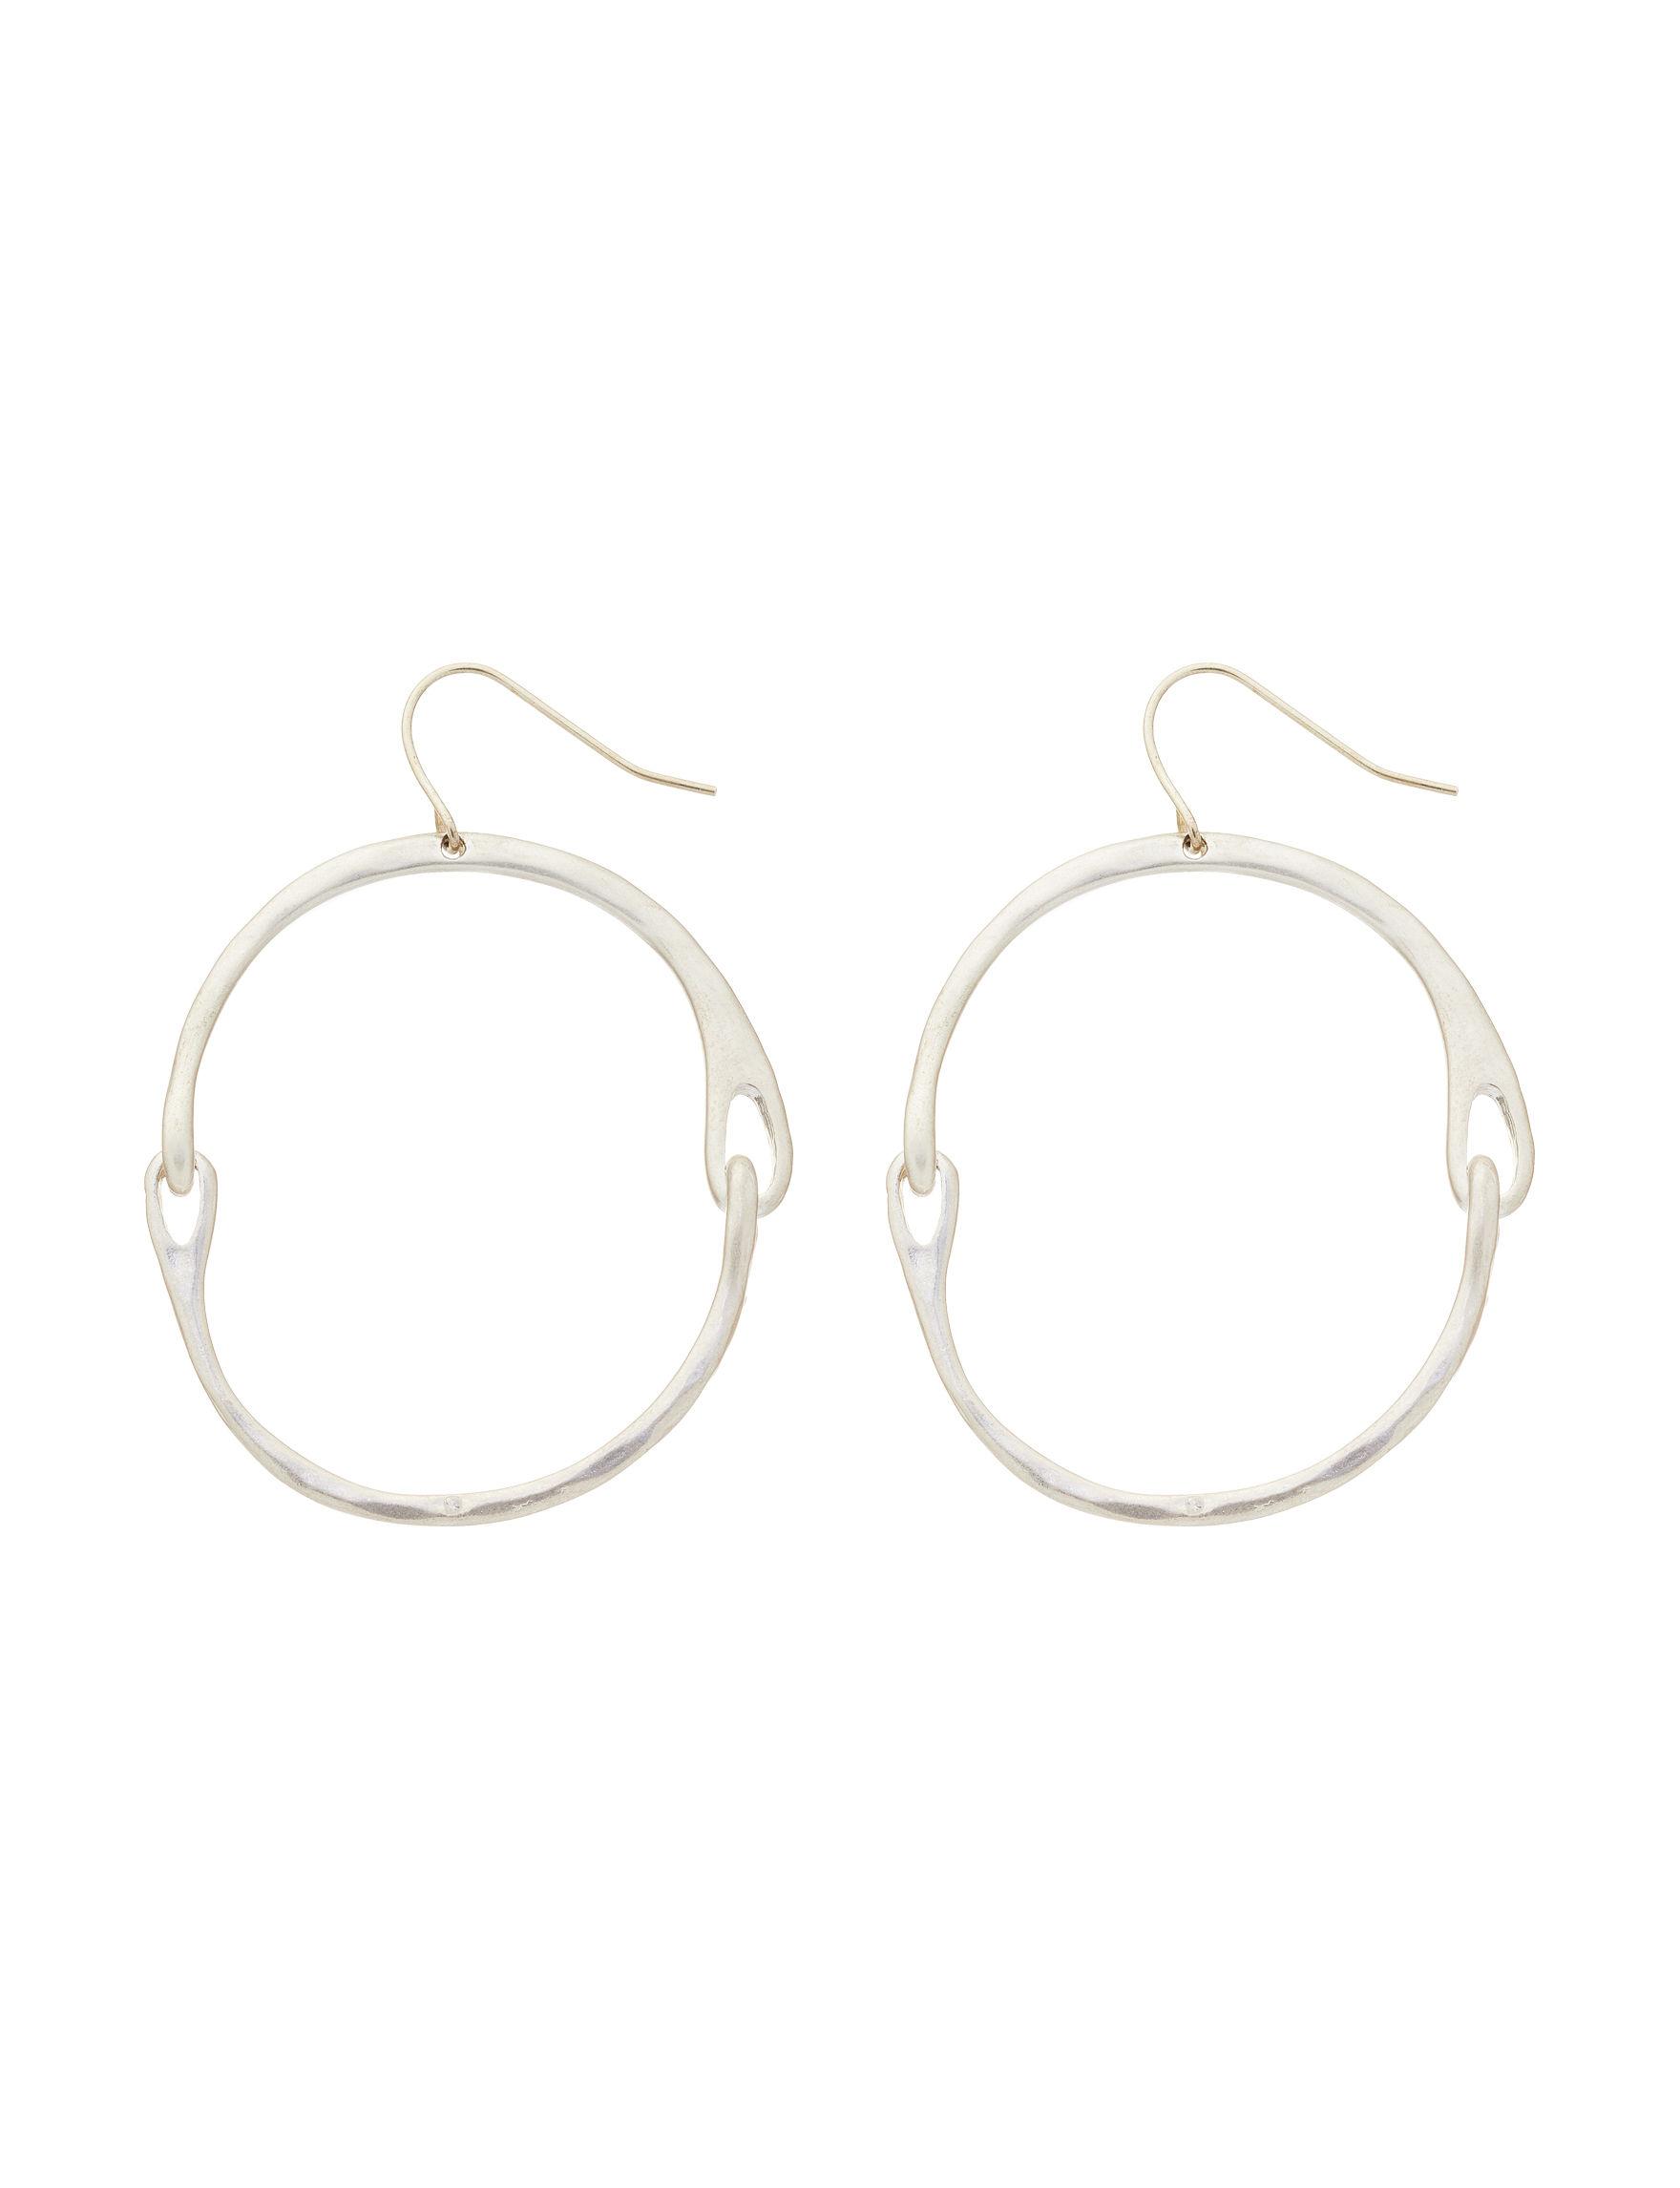 Bella Uno Silver Hoops Earrings Fashion Jewelry